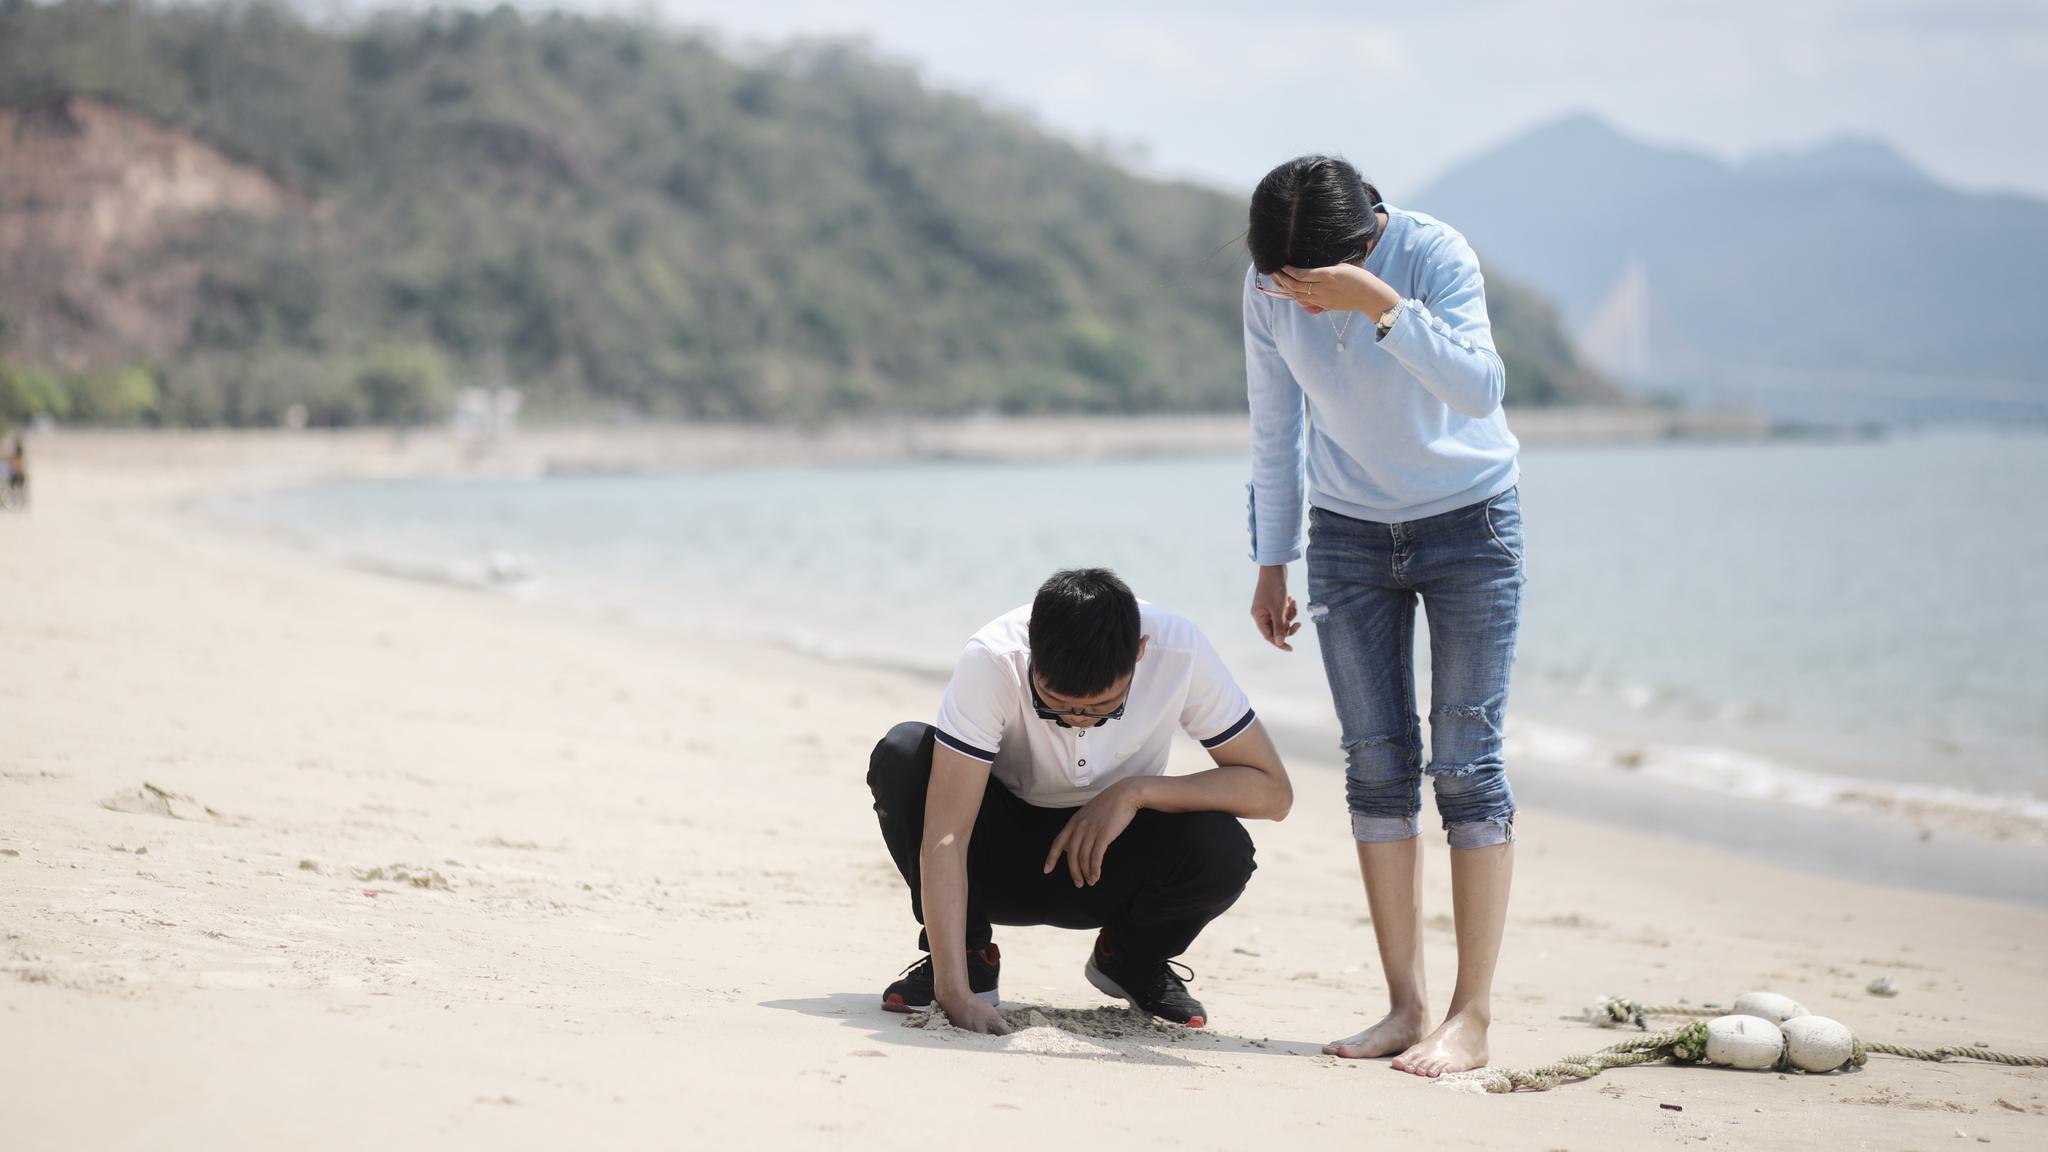 海边拾趣2018年3月13v竹筒于广东惠州亚婆角竹筒幼儿玩法游戏大班图片